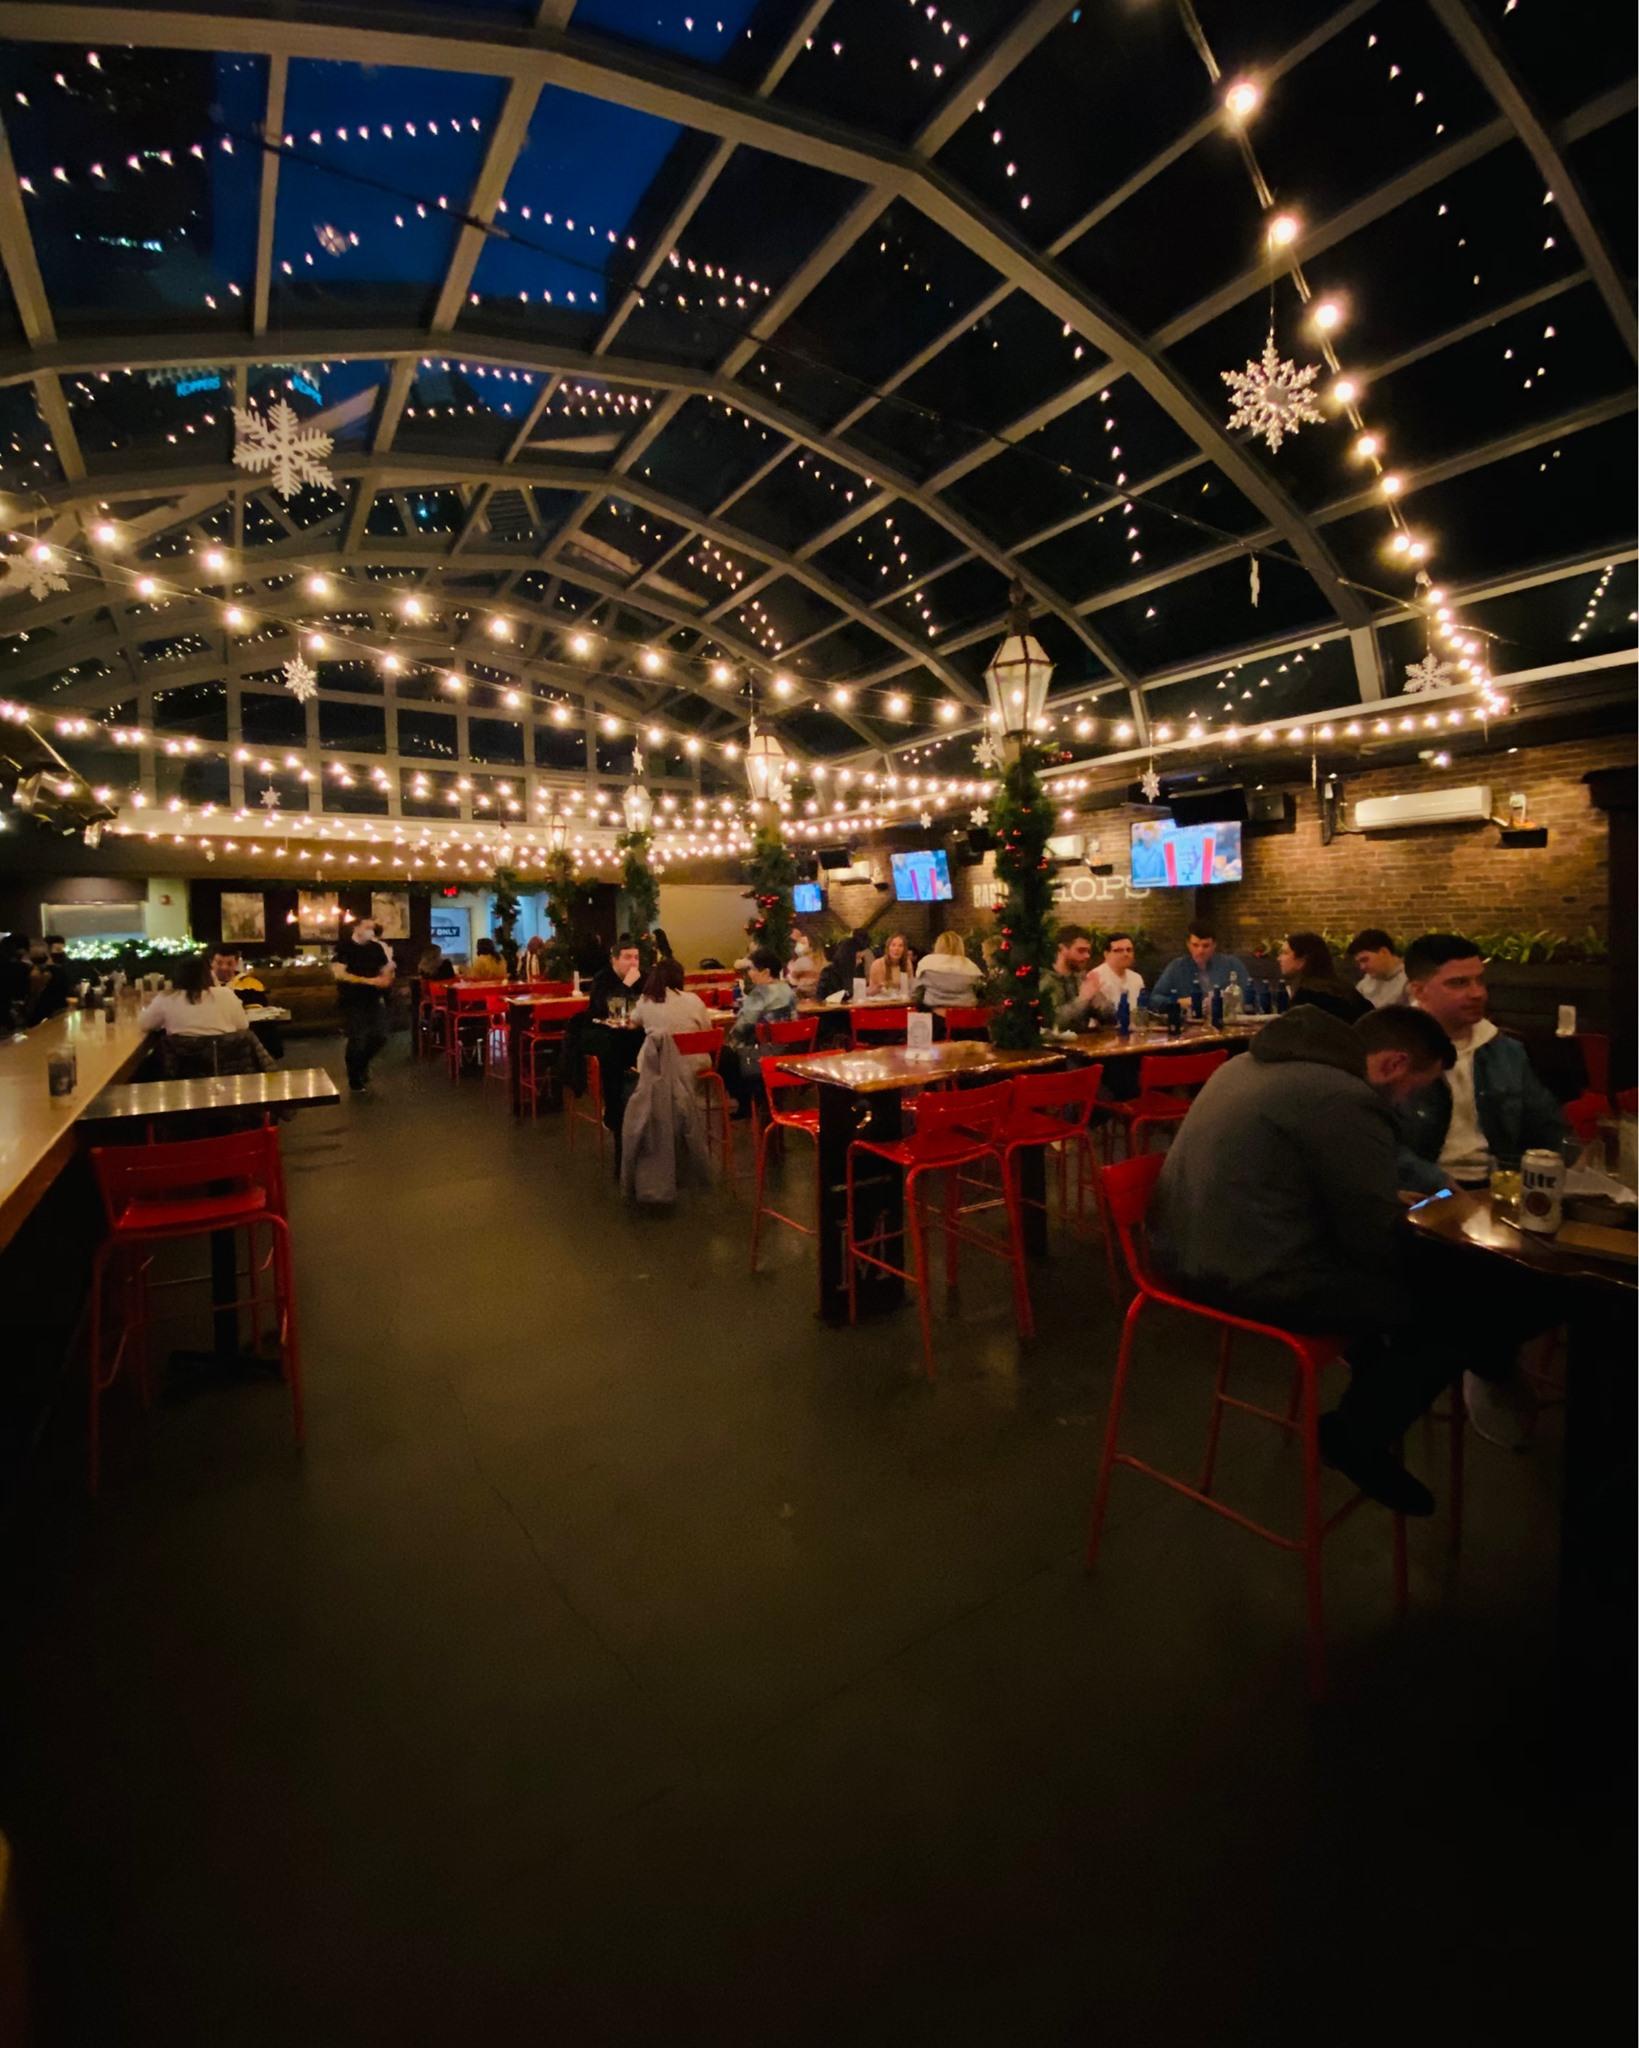 Sienna Mercato restaurnant venue